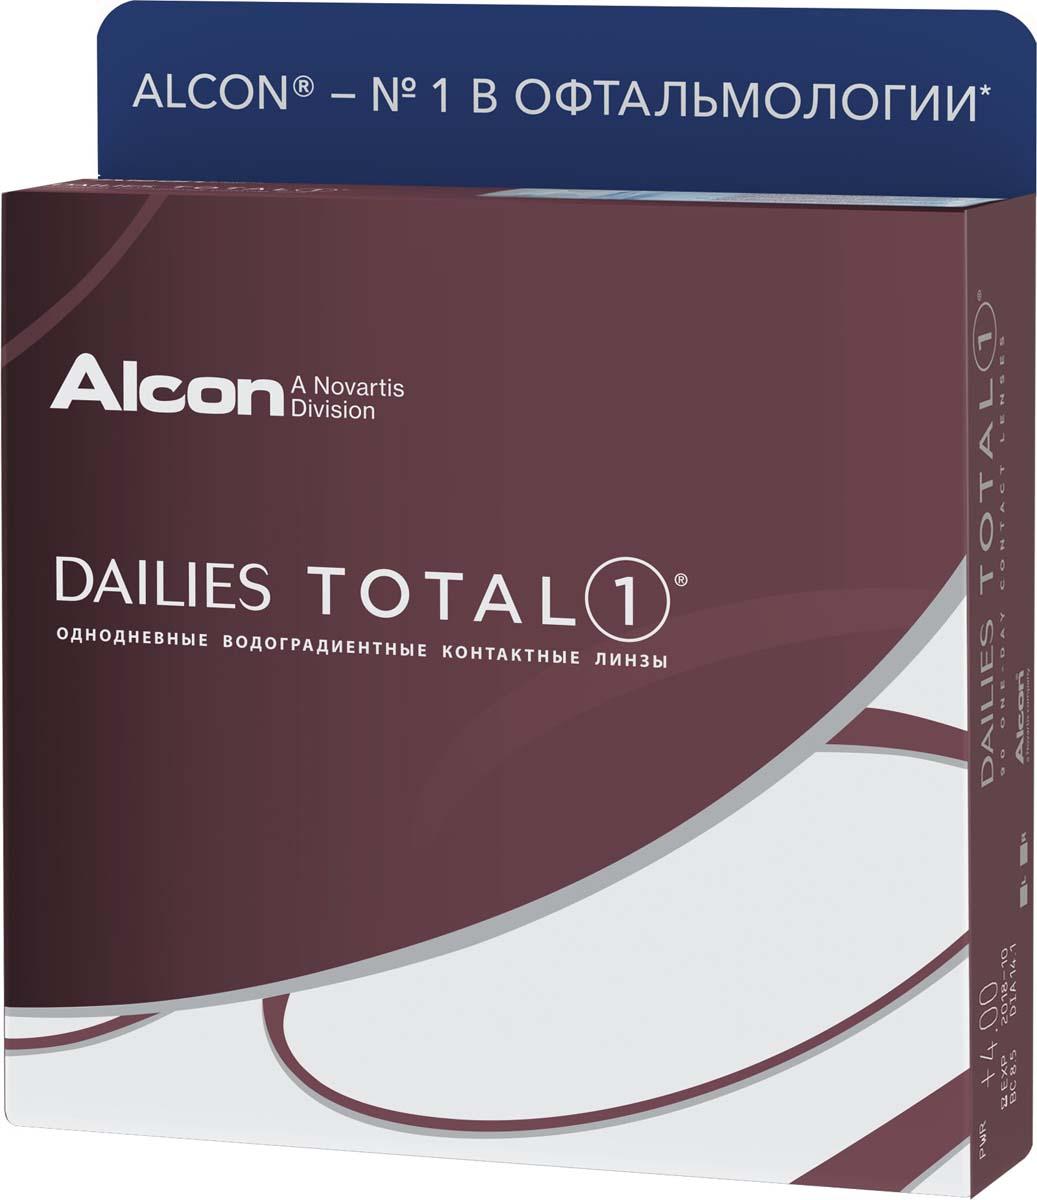 Аlcon Контактные линзы Dailies Total 90 шт /+5.75 /8.5 /14.1